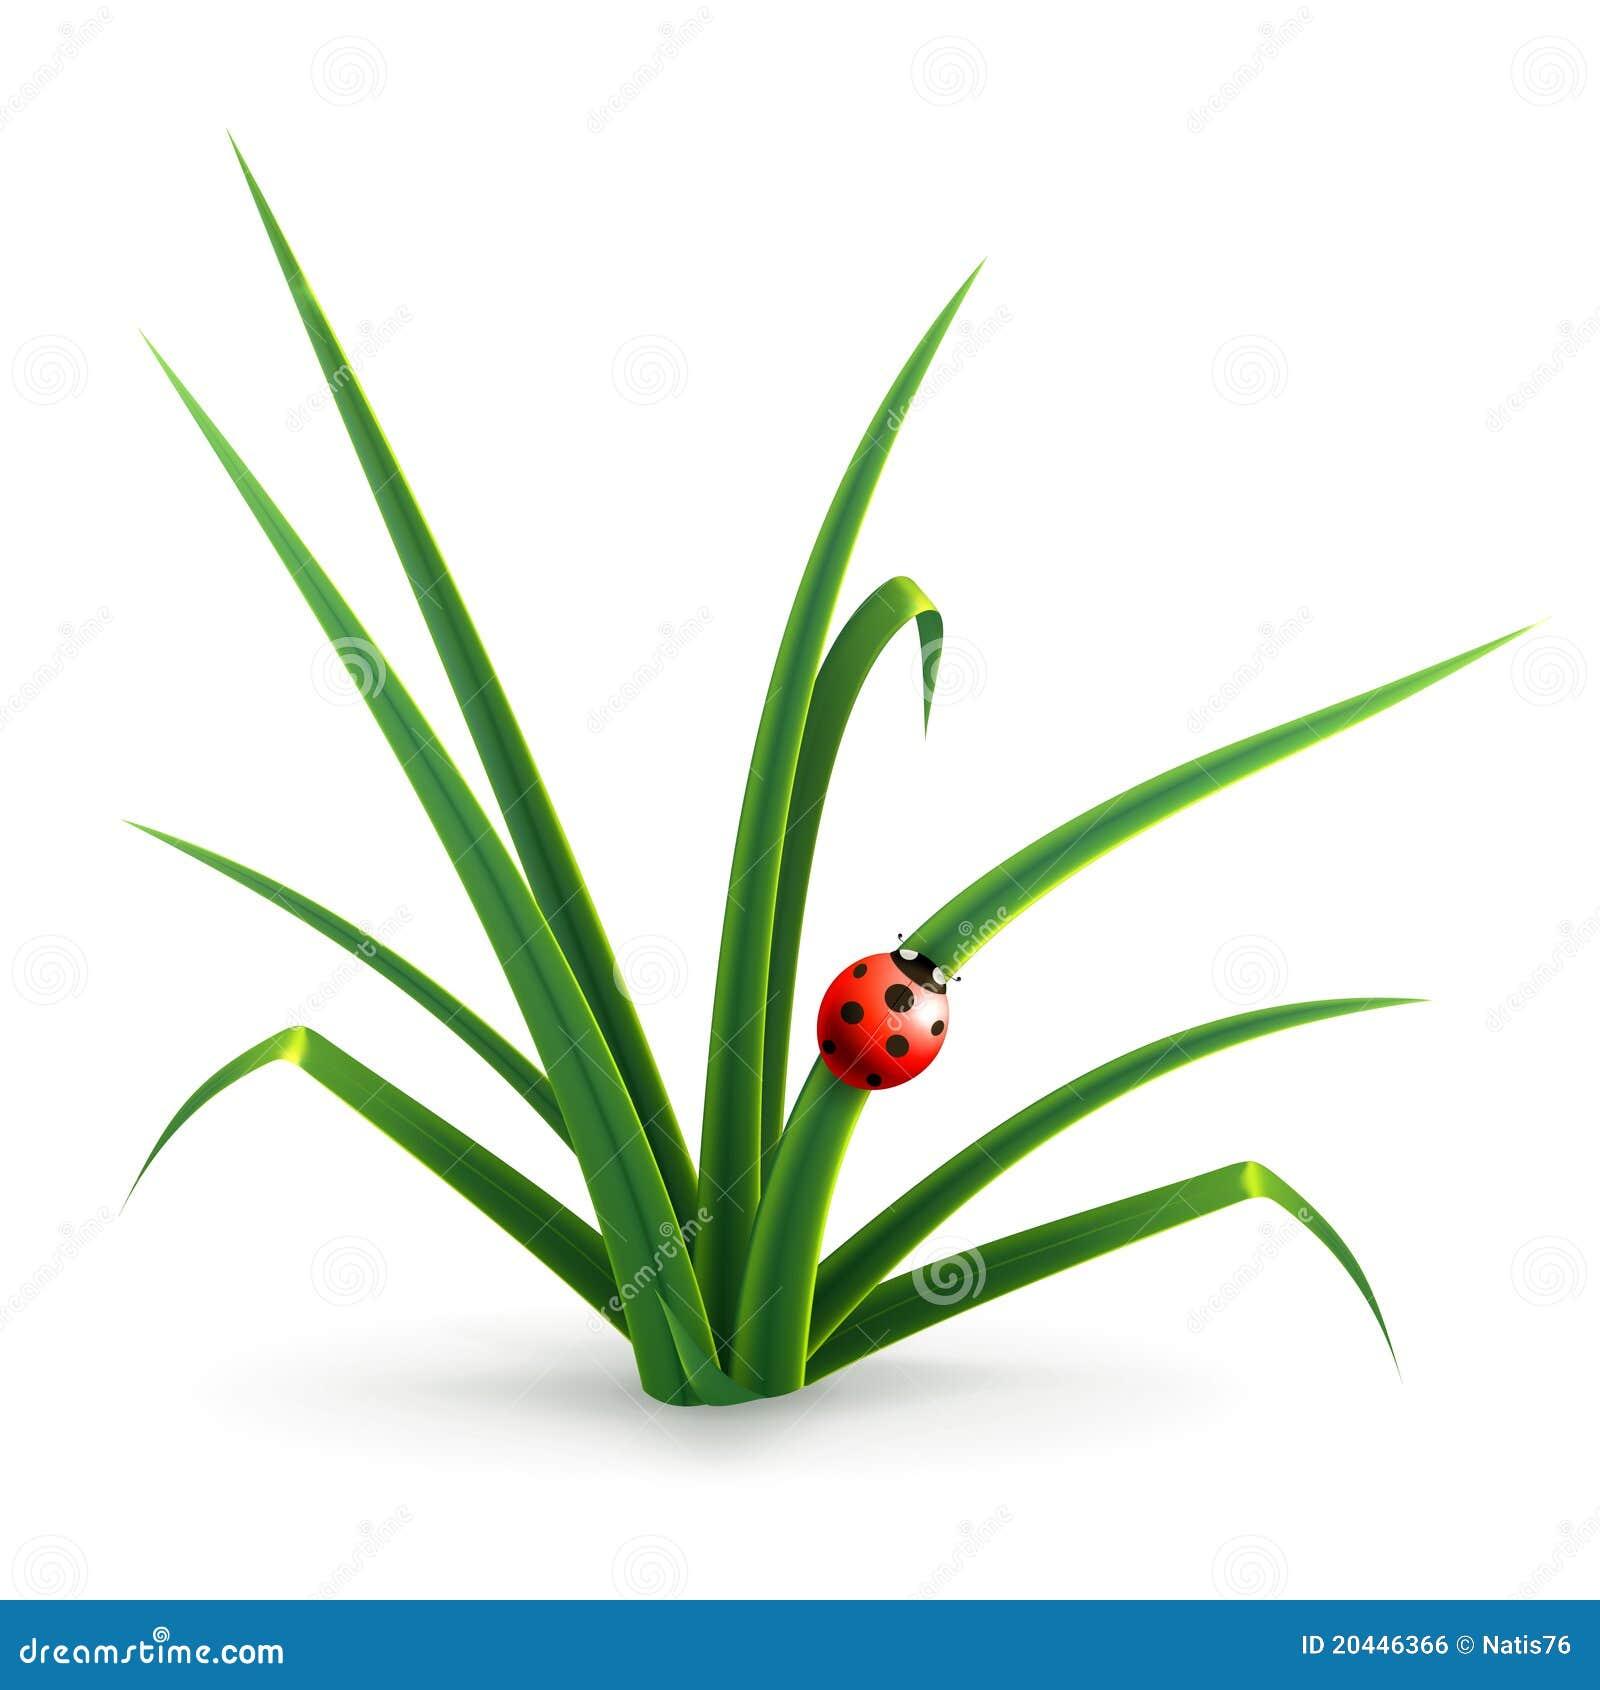 Ladybug and grass